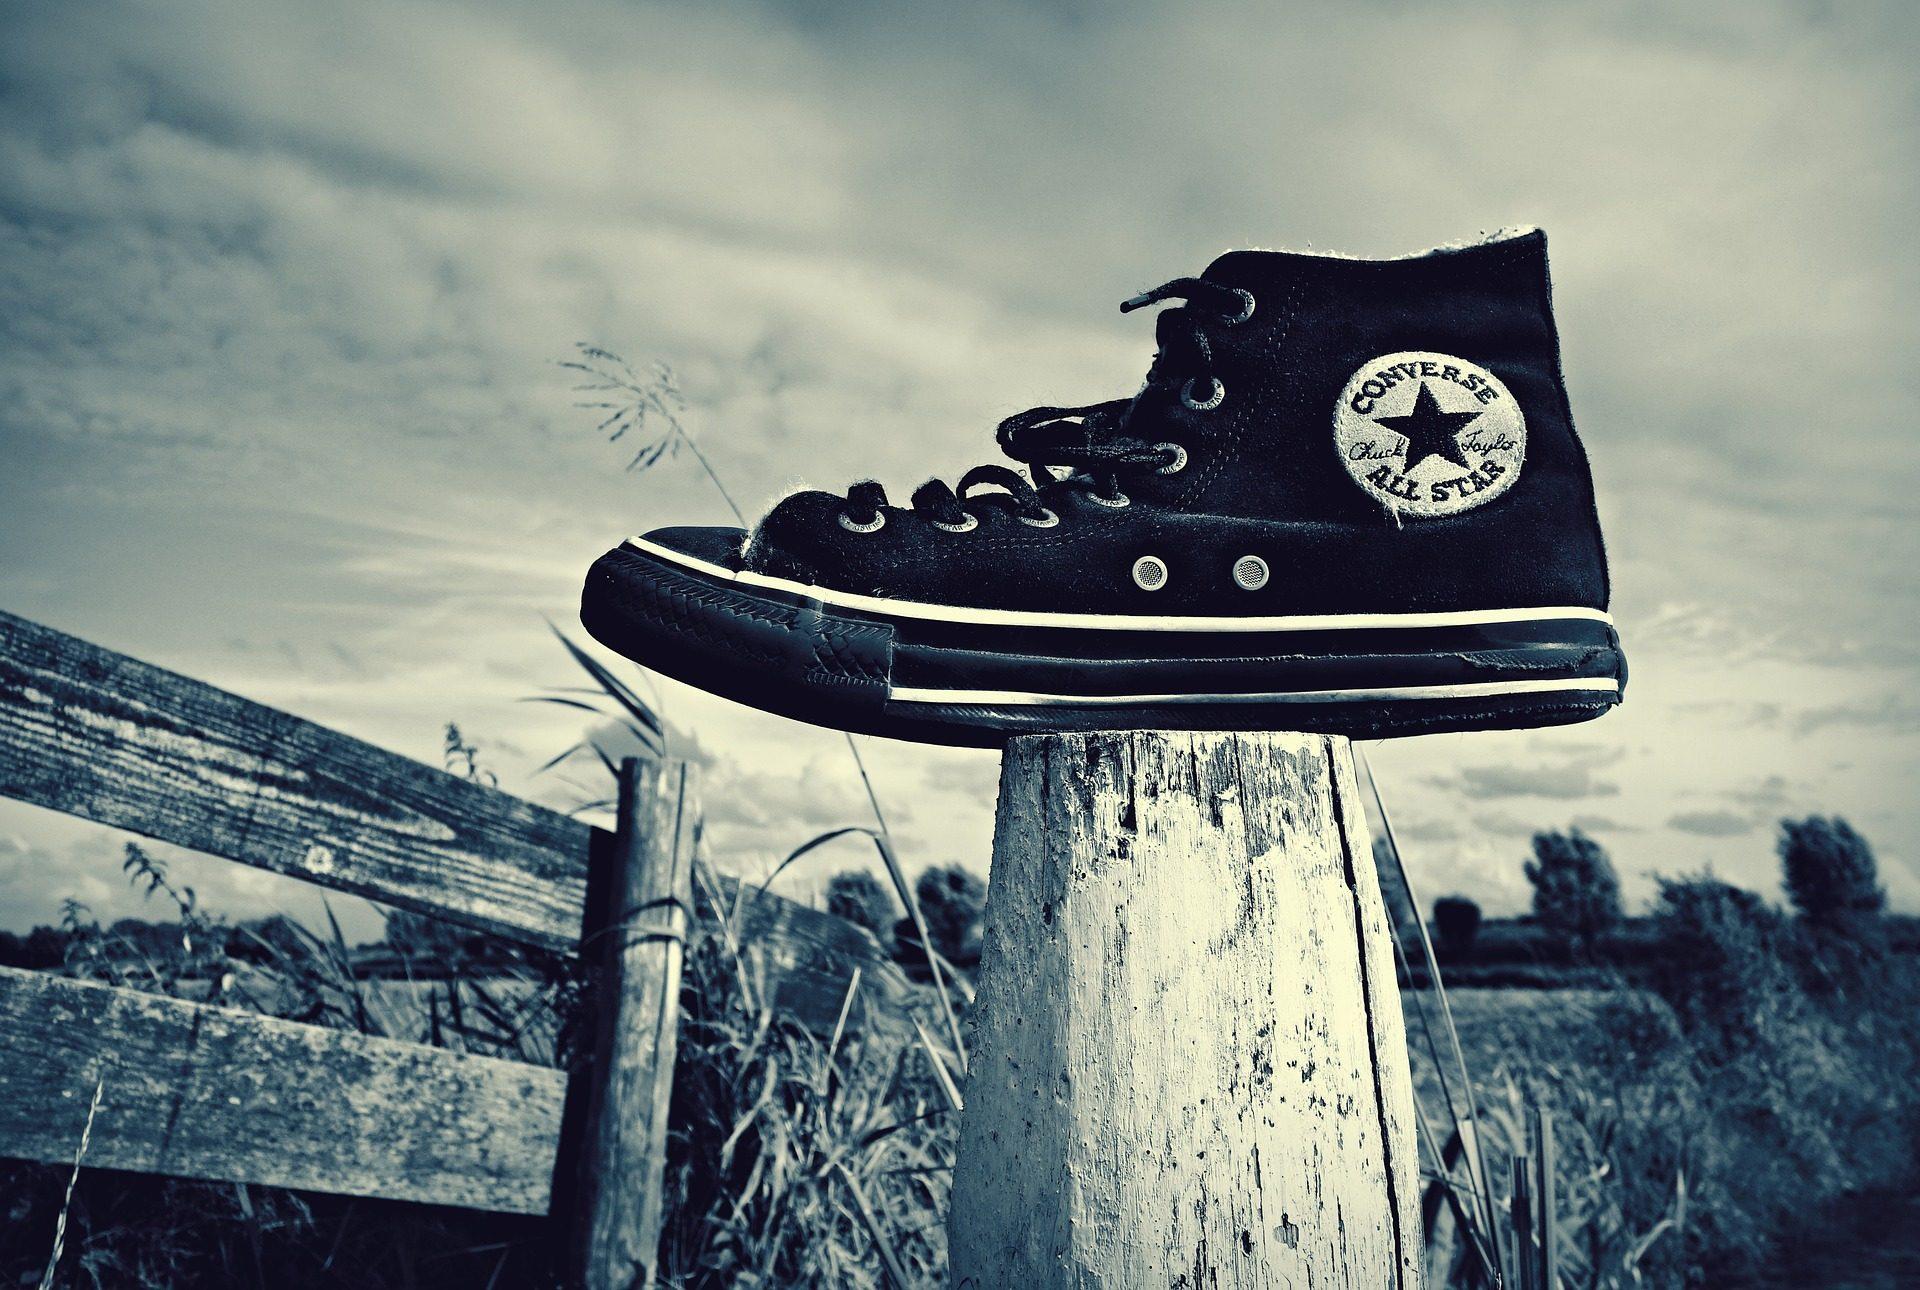 παπούτσι, θέση, Soledad, Converse, σε μαύρο και άσπρο - Wallpapers HD - Professor-falken.com